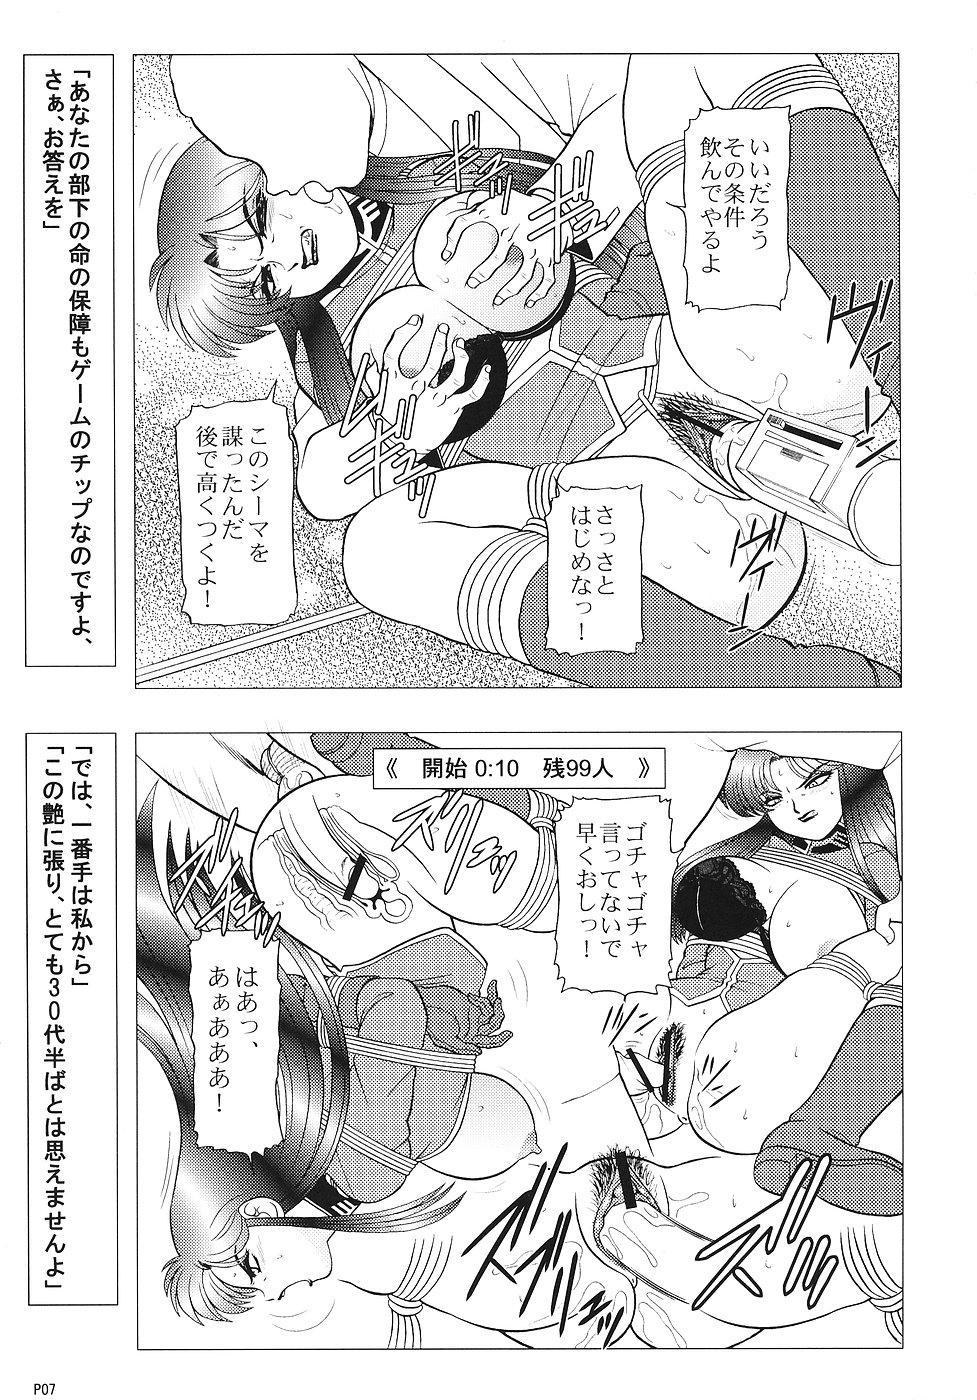 (C70) [Jingai Makyou Club (WING☆BIRD)] Charaemu W B004 GANDAM003 08-83-CCA (Kidou Senshi Gundam) 5